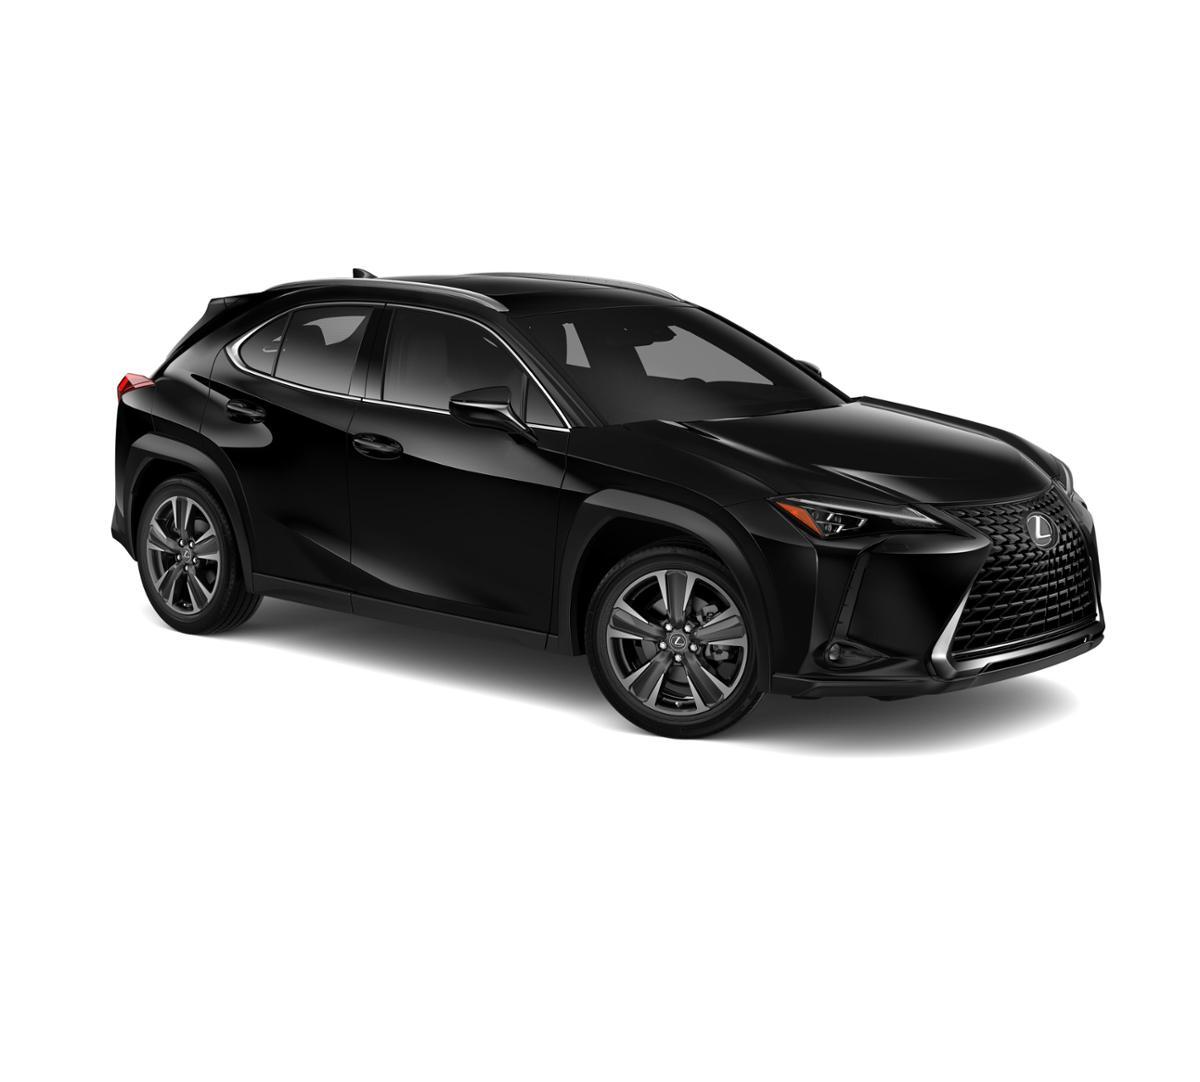 Lexus Of Memphis Used Cars: 2019 Lexus UX 200